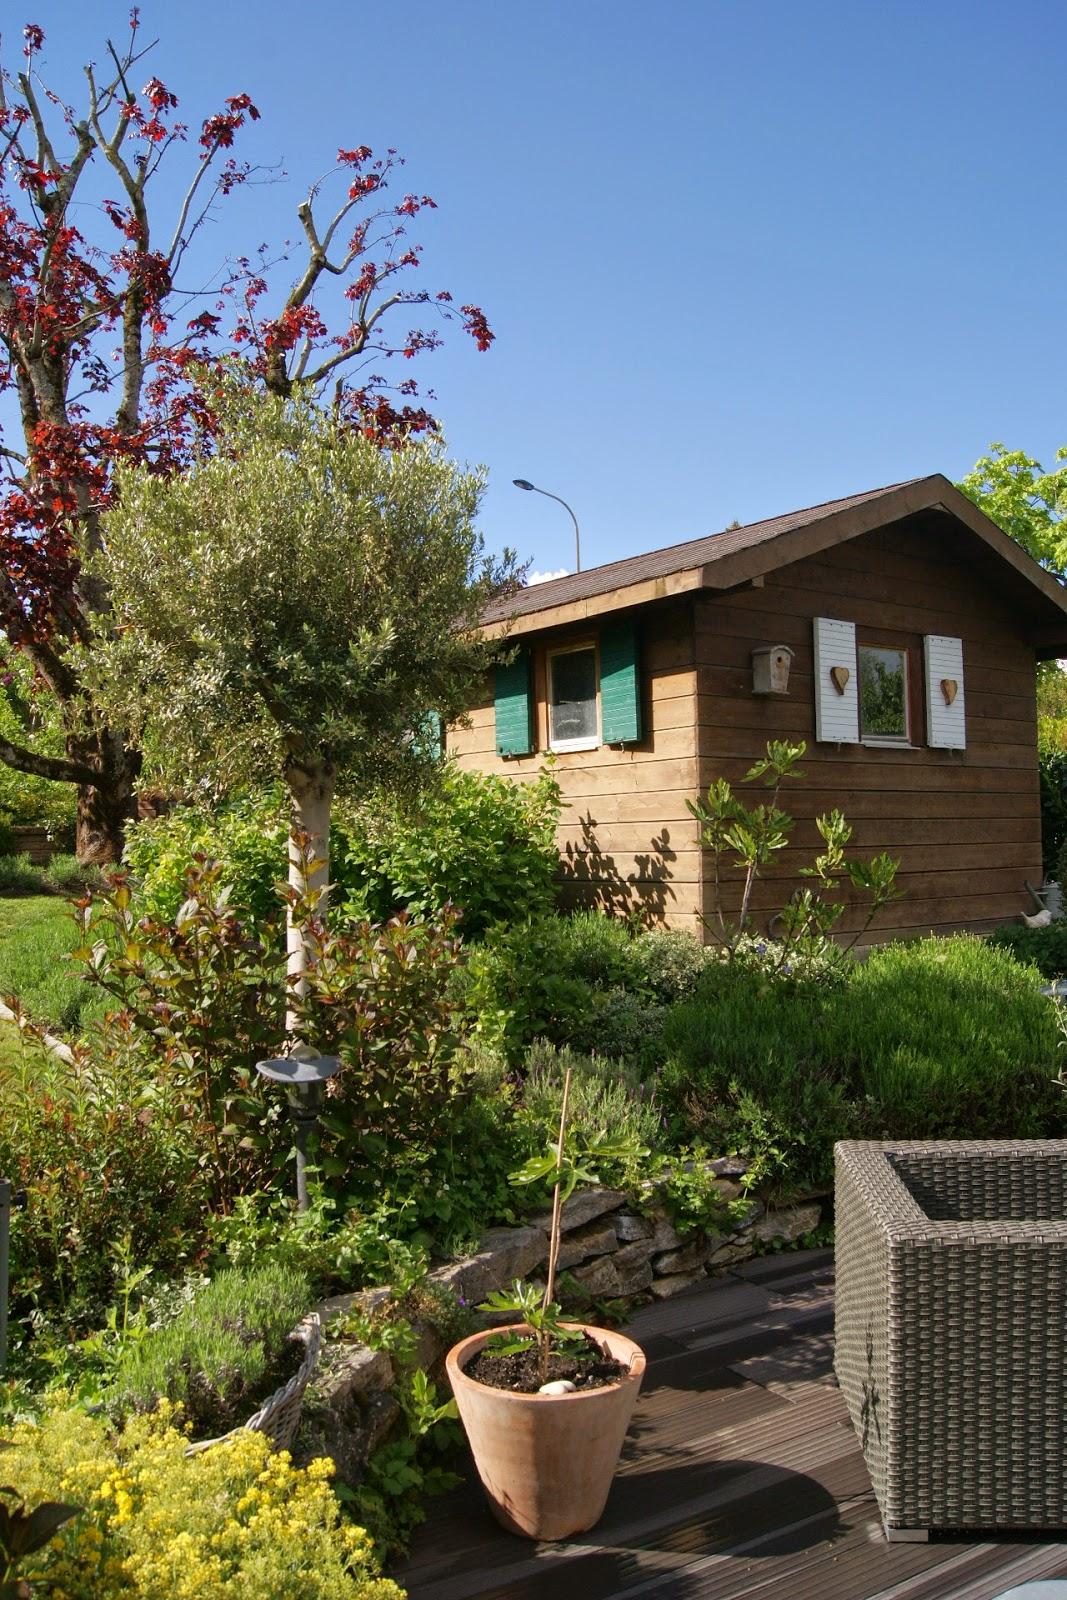 Blancdeco un beau cadeau - Deco jardin olivier nanterre ...